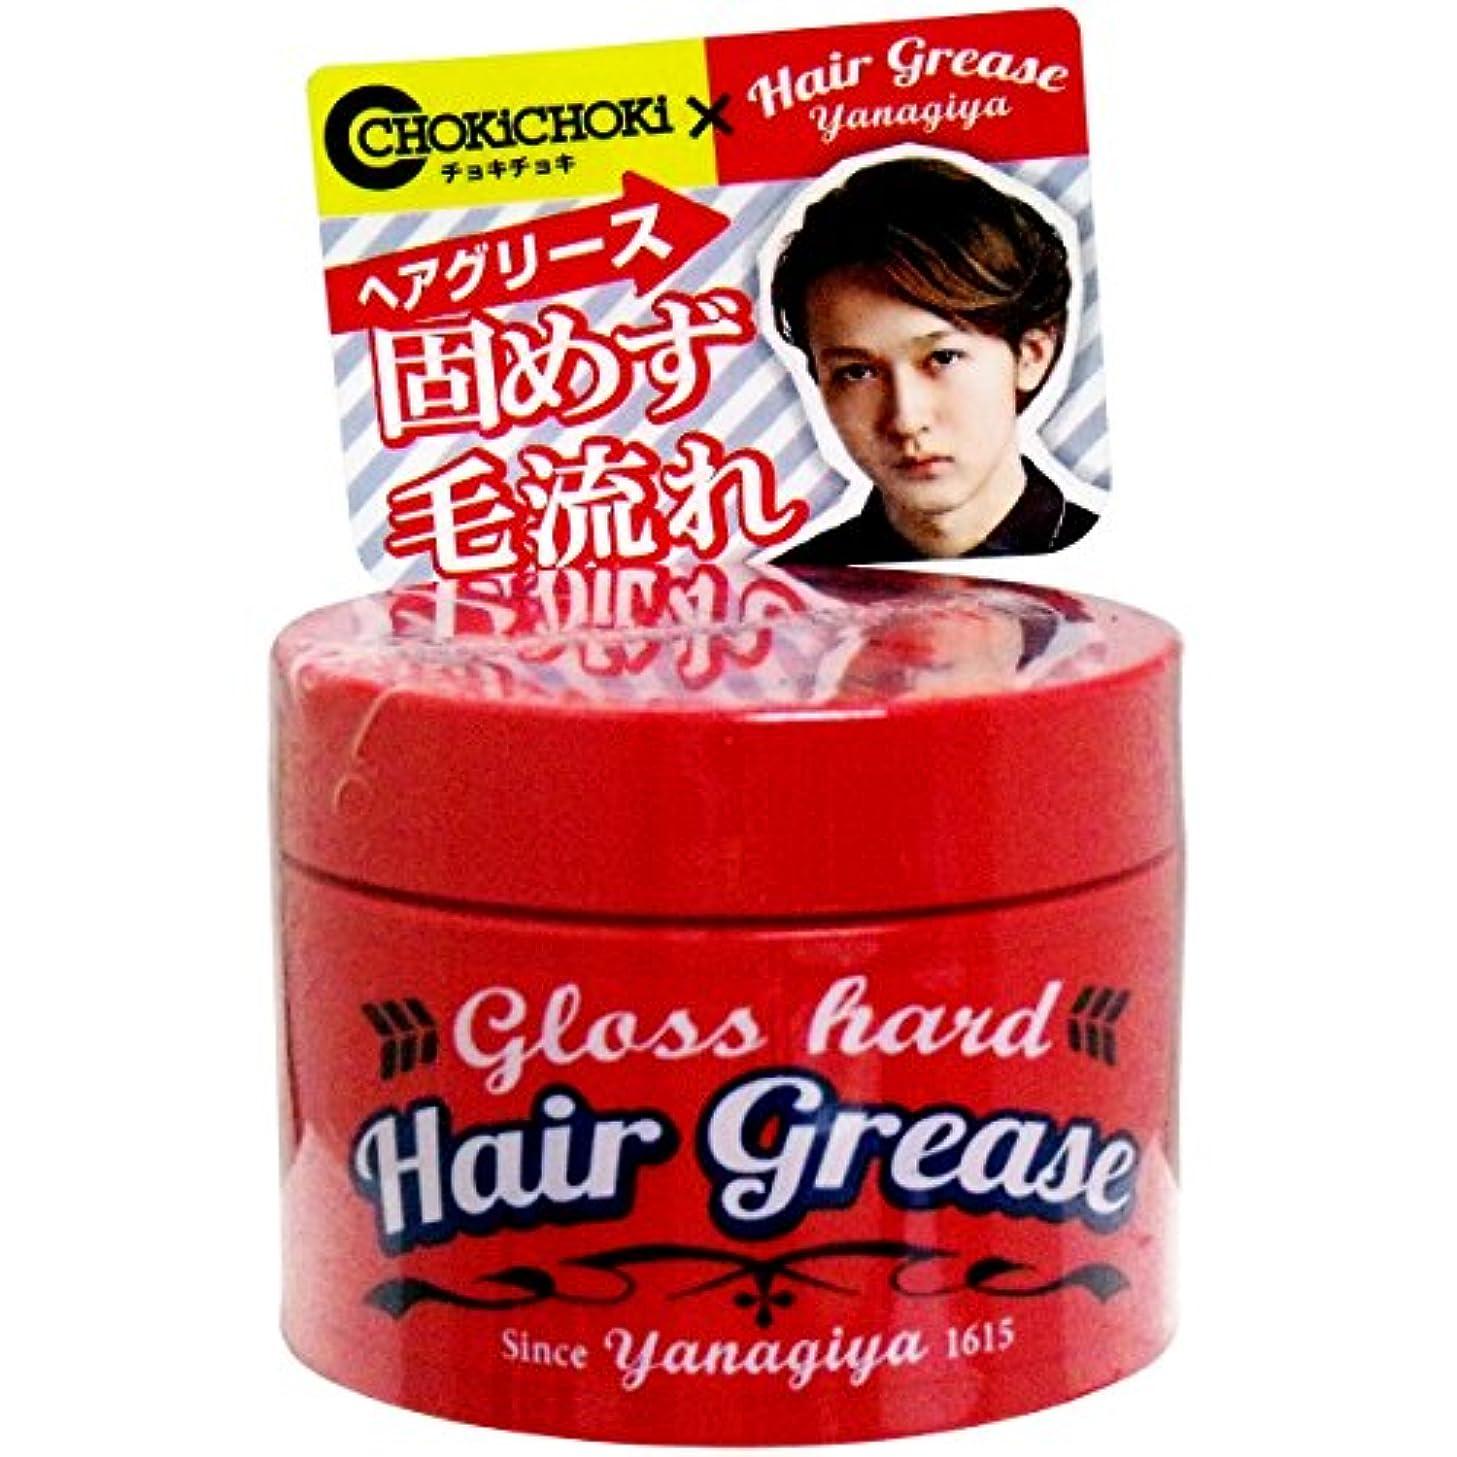 舌な特殊着るヘアワックス 固めず毛流れ 使いやすい YANAGIYA ヘアグリース グロスハード 90g入【5個セット】